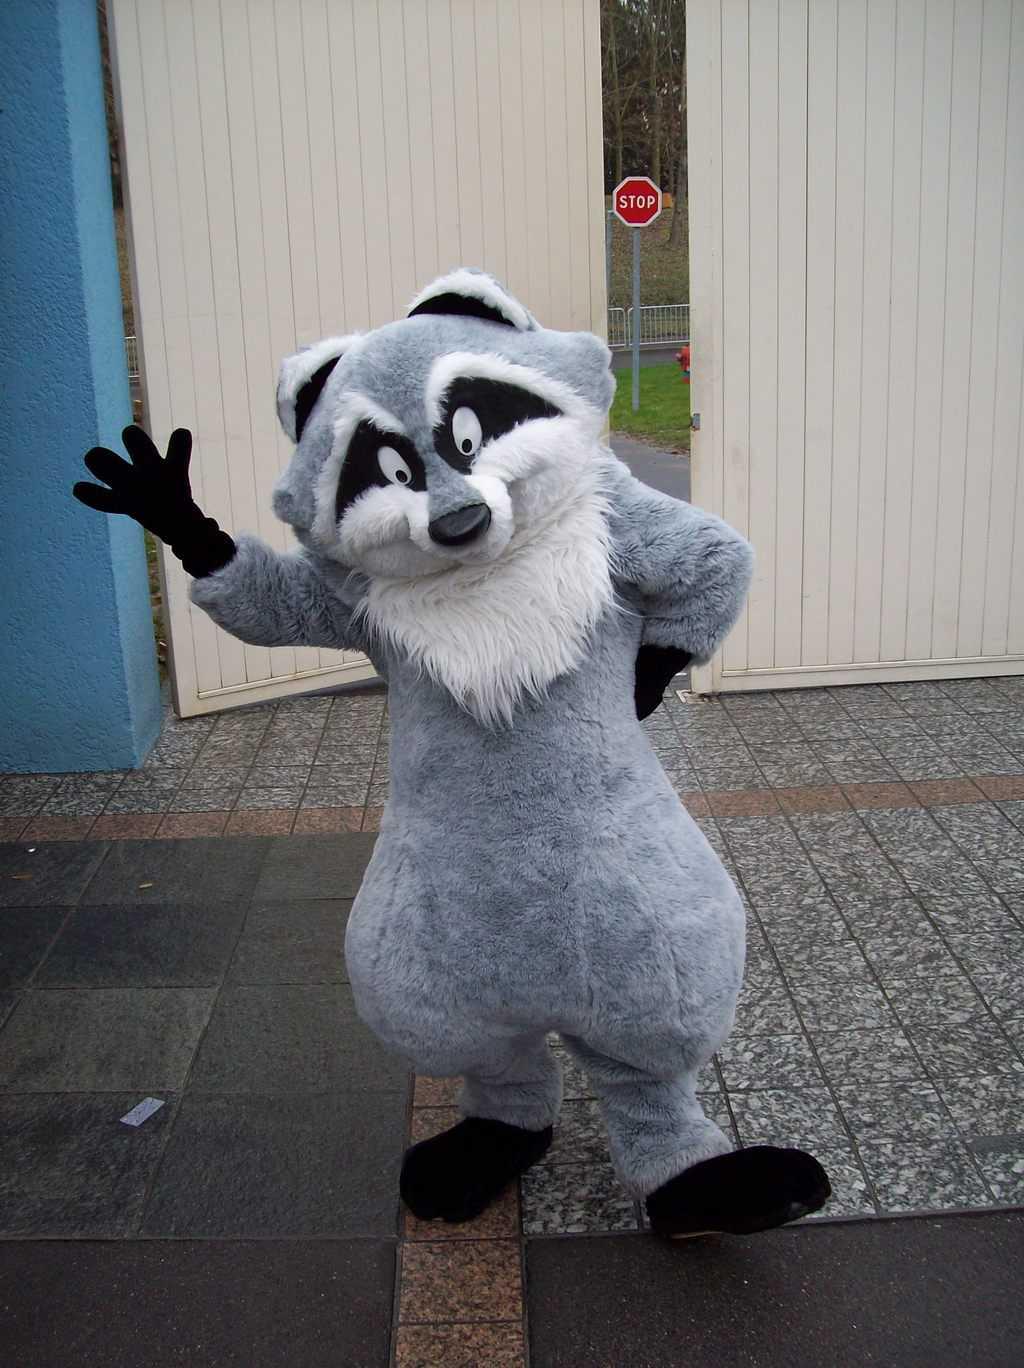 Meeko as he appears at Disneyland Paris